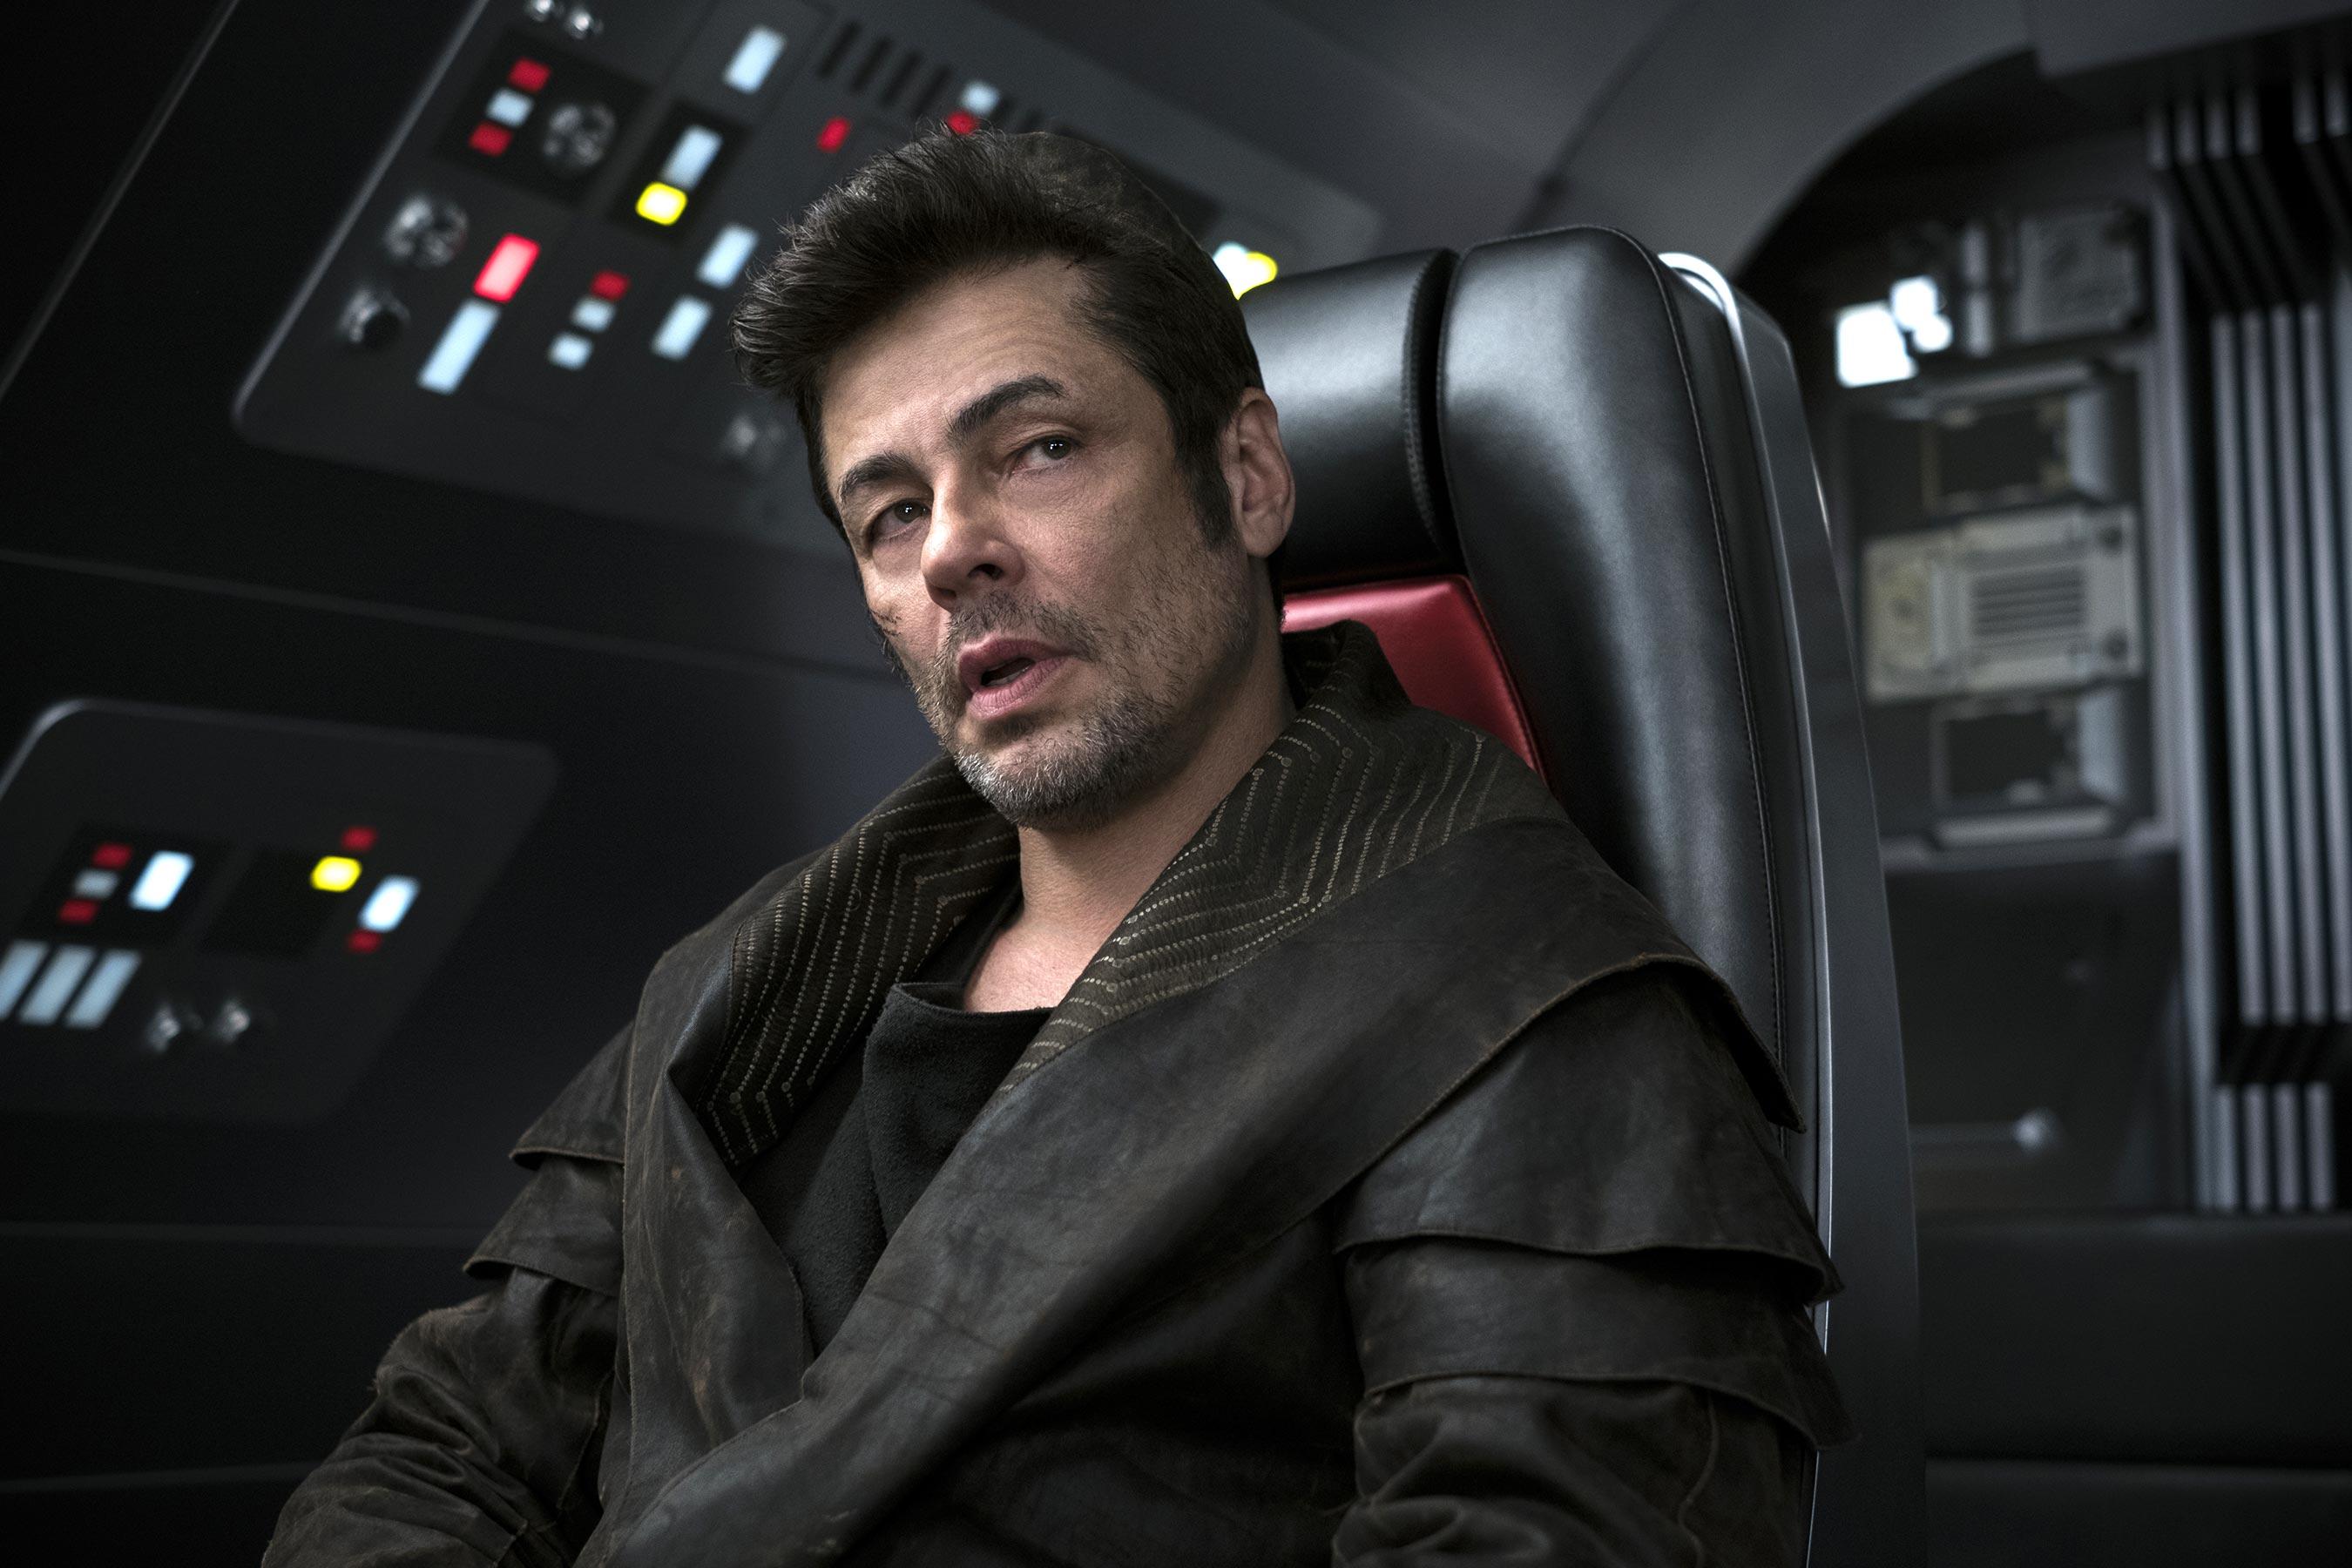 Novas fotos de Star Wars: Os Últimos Jedi incluem personagens de Andy Serkis e Benicio Del Toro